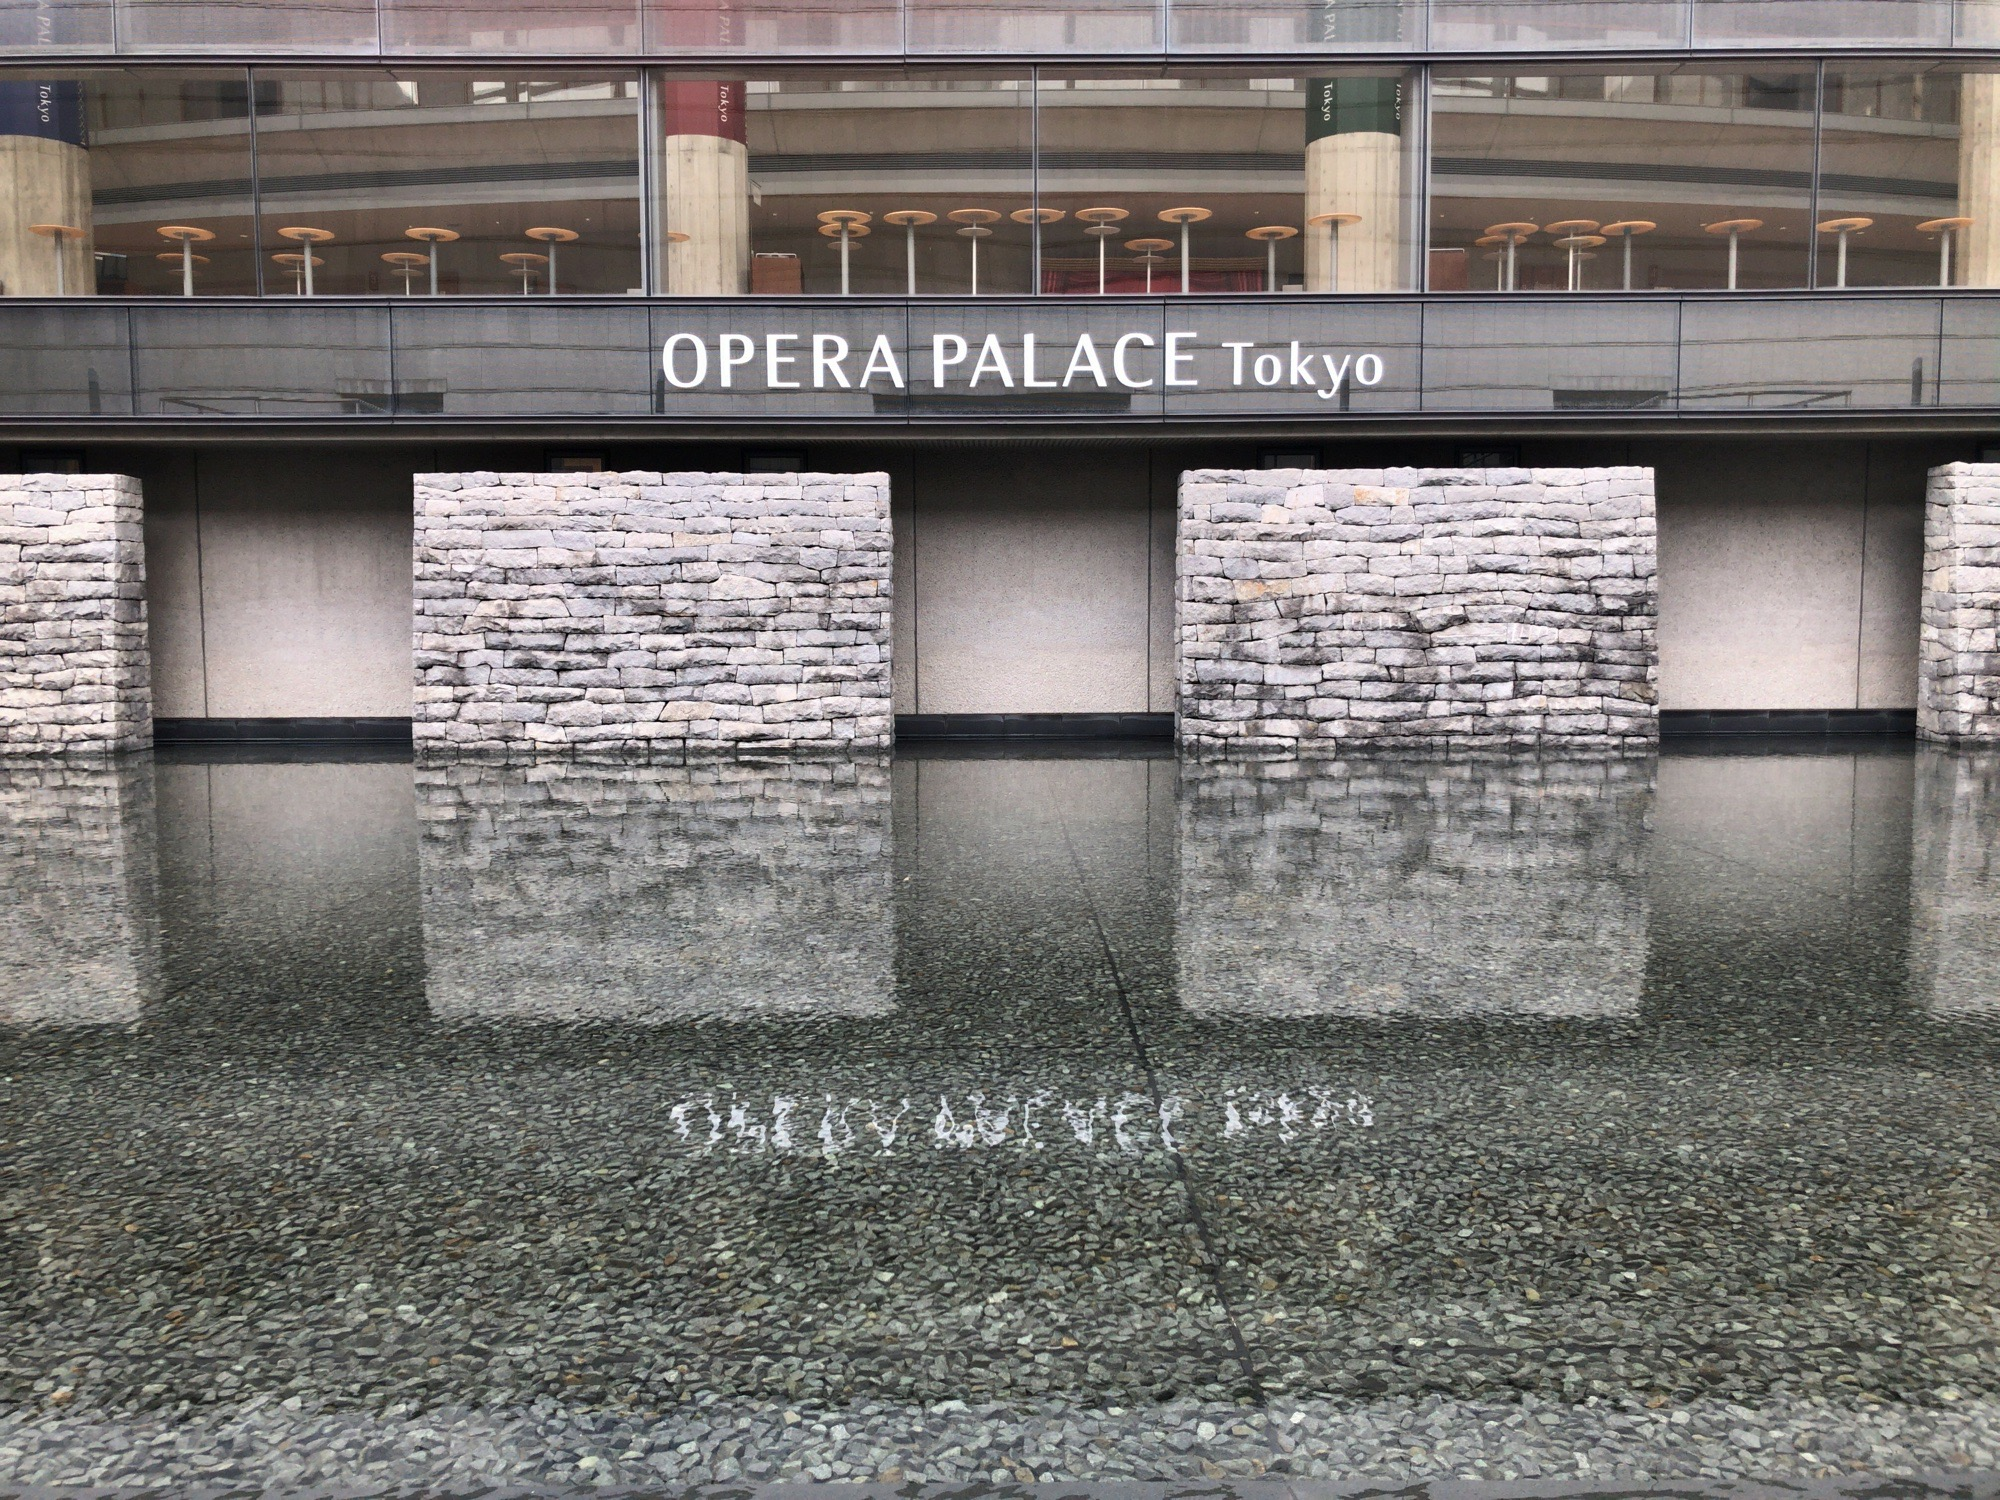 新国立劇場 2020/2021シーズン オペラ ラインアップ発表会—まずオペラの日程が出て、それによって自分のスケジュールを調整する(笑)